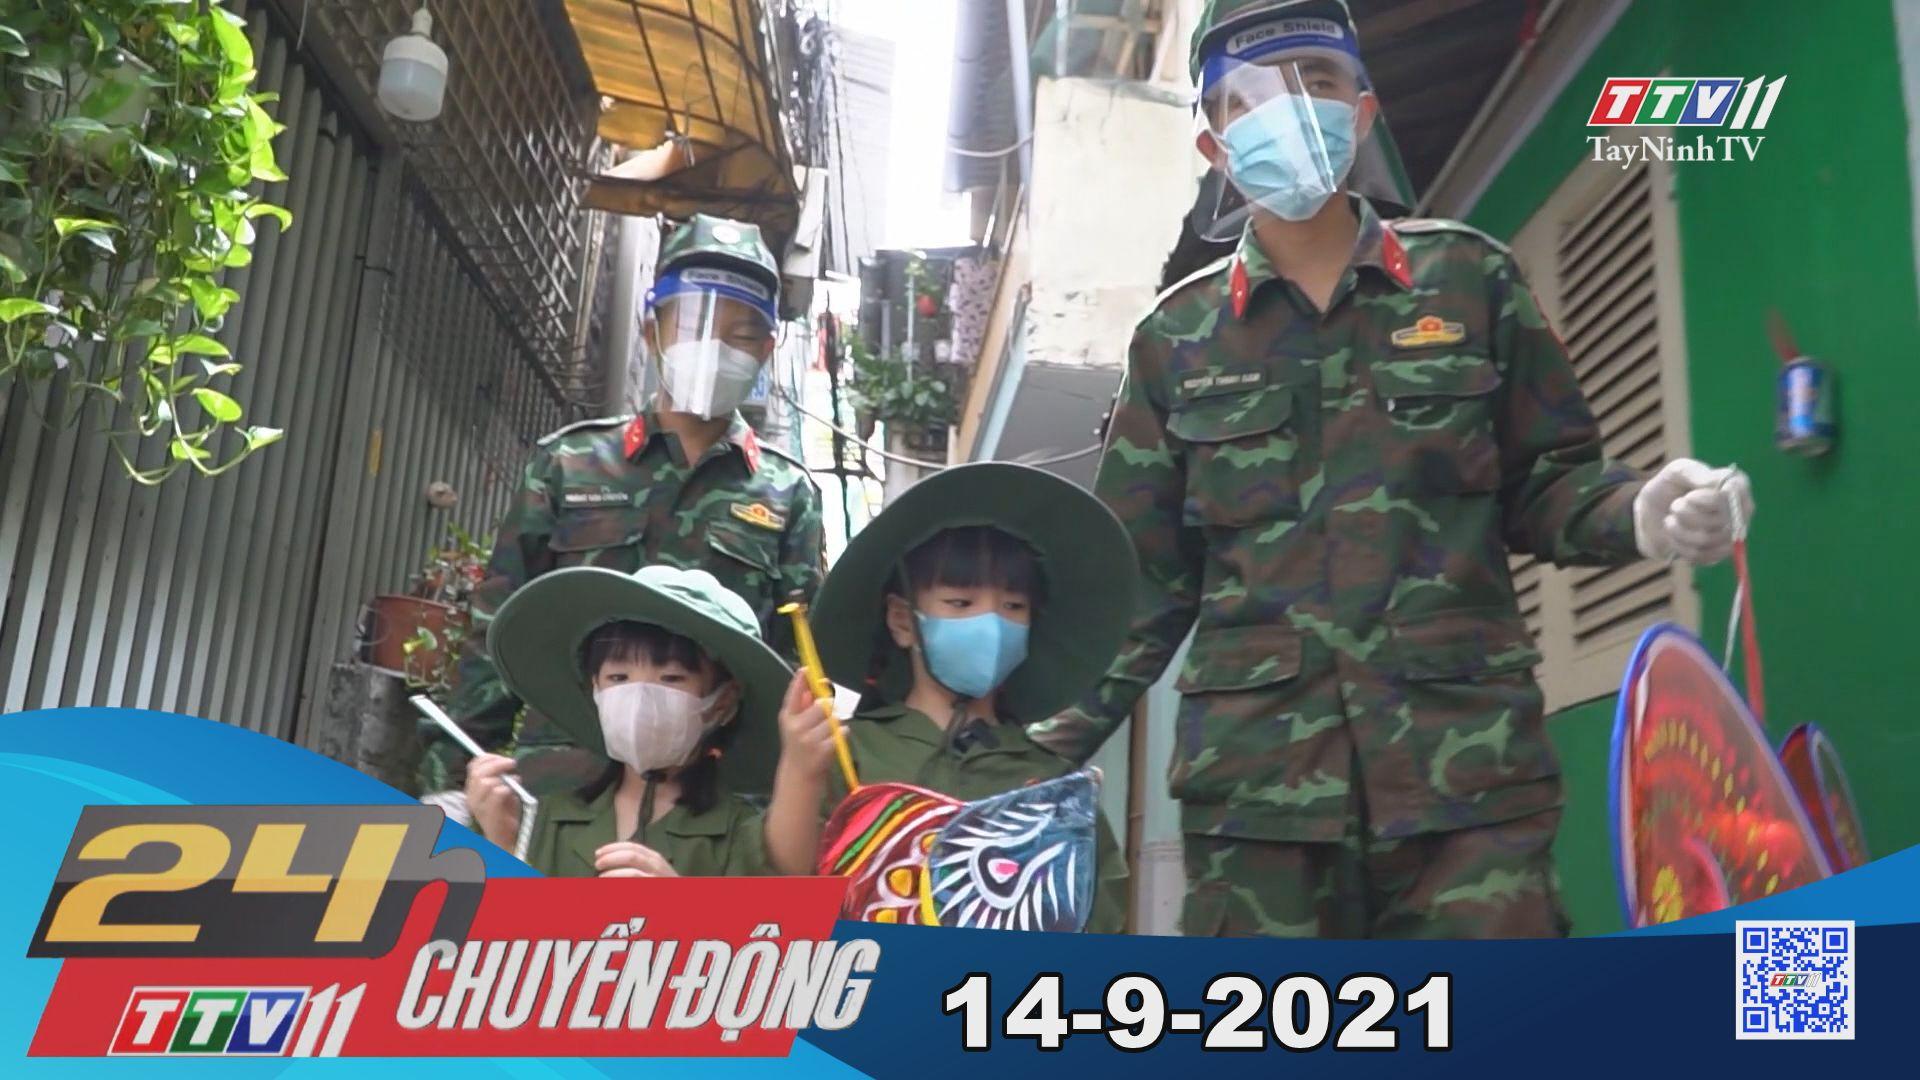 24h Chuyển động 14-9-2021 | Tin tức hôm nay | TayNinhTV